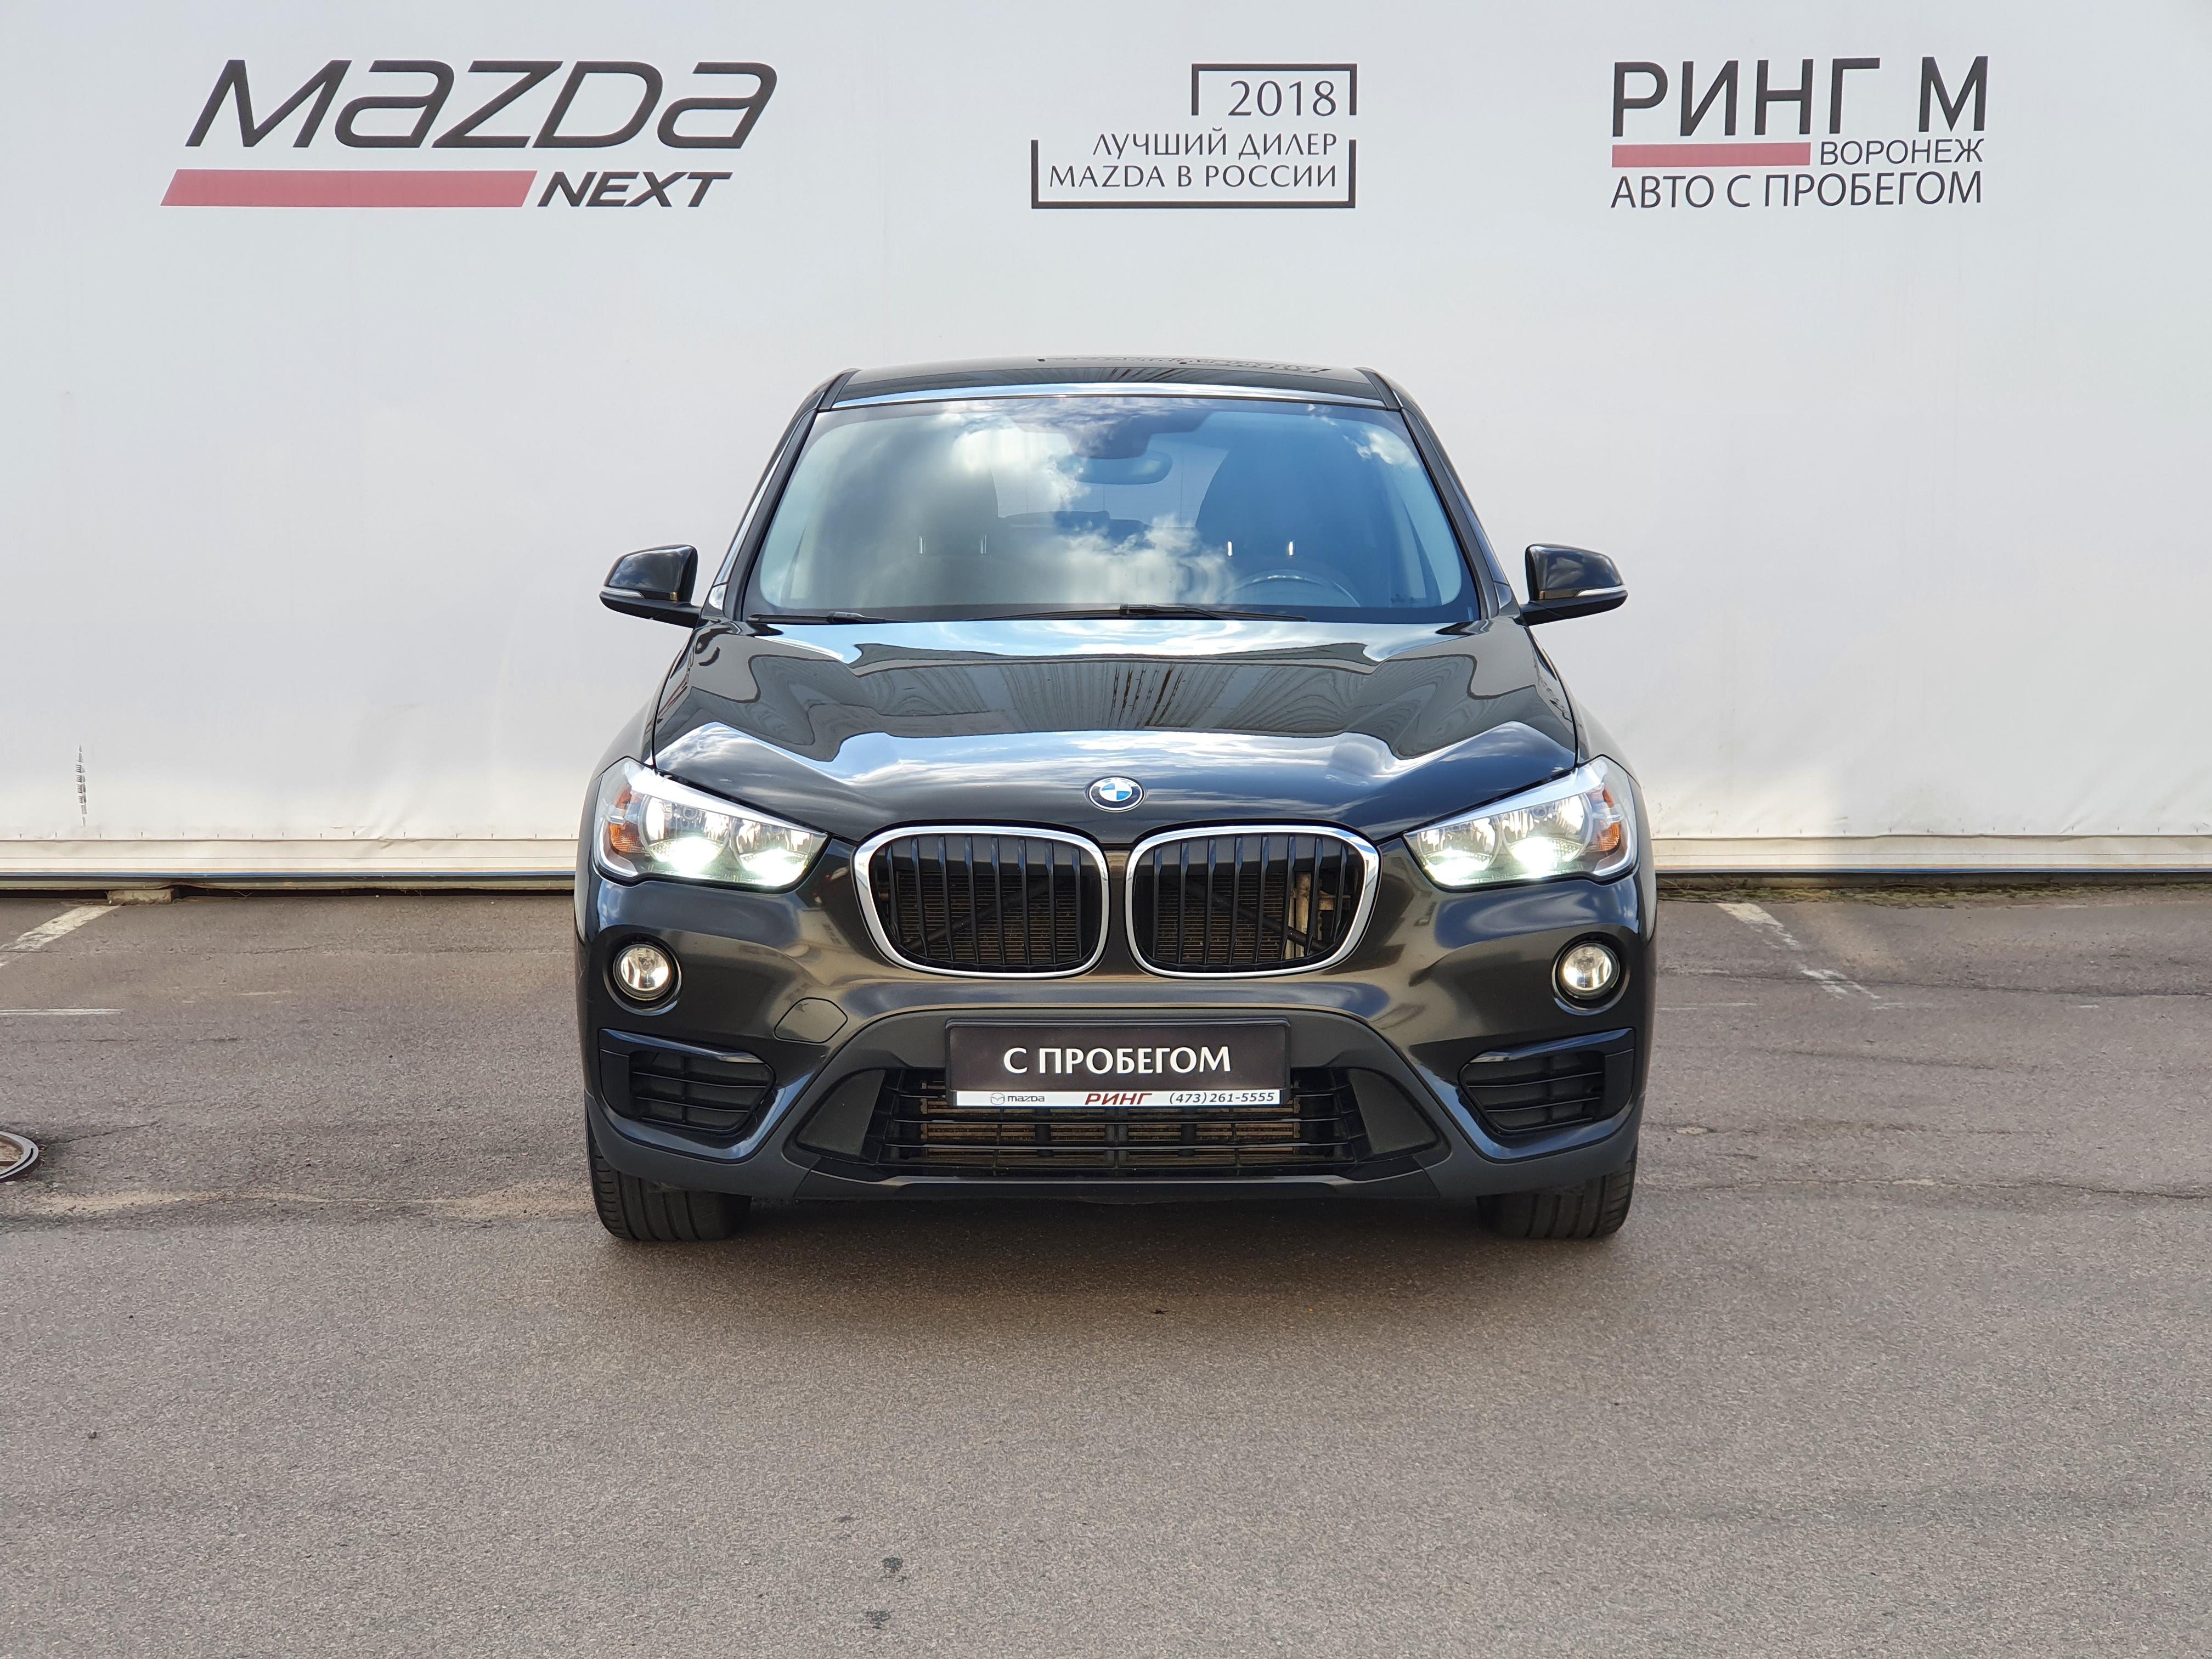 BMW X1 Внедорожник (2016г.)